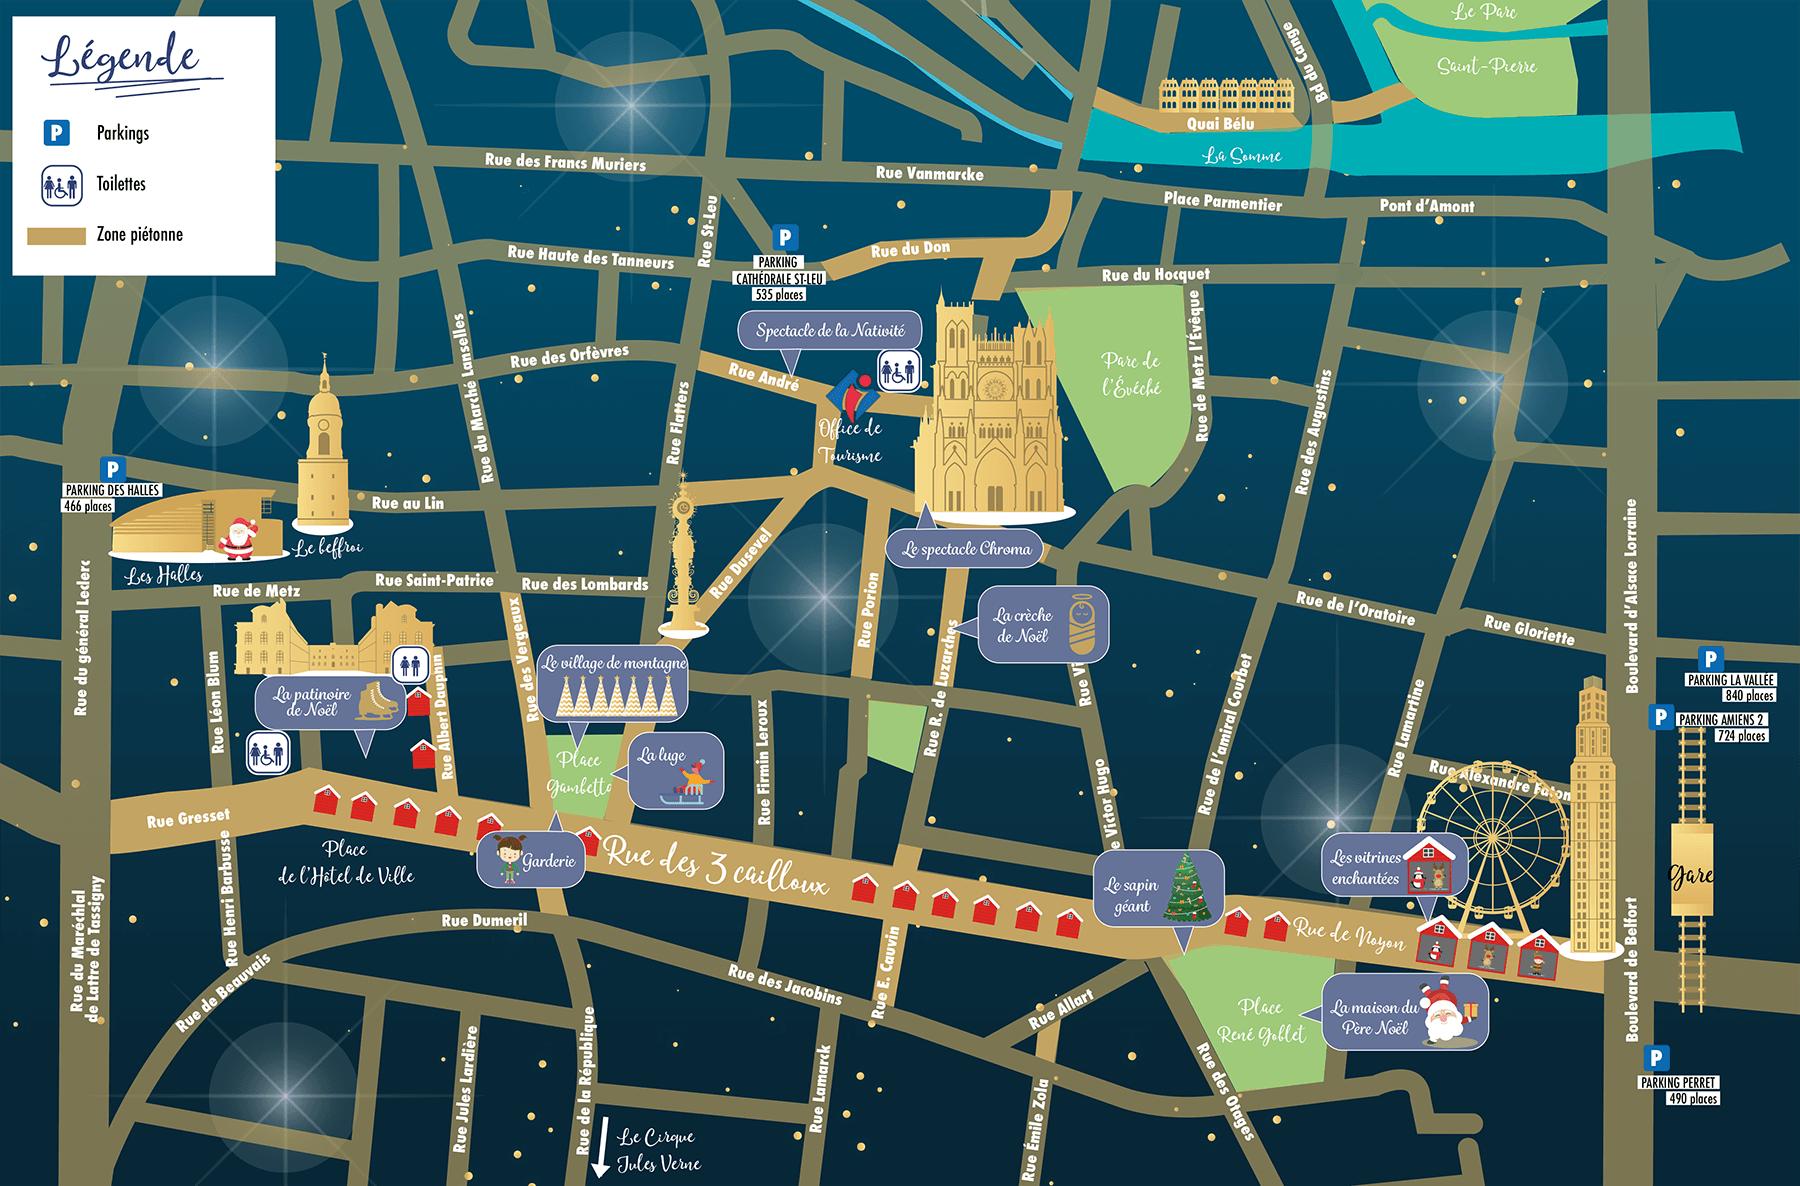 Plan 2018 du Marché de Noël d'Amiens